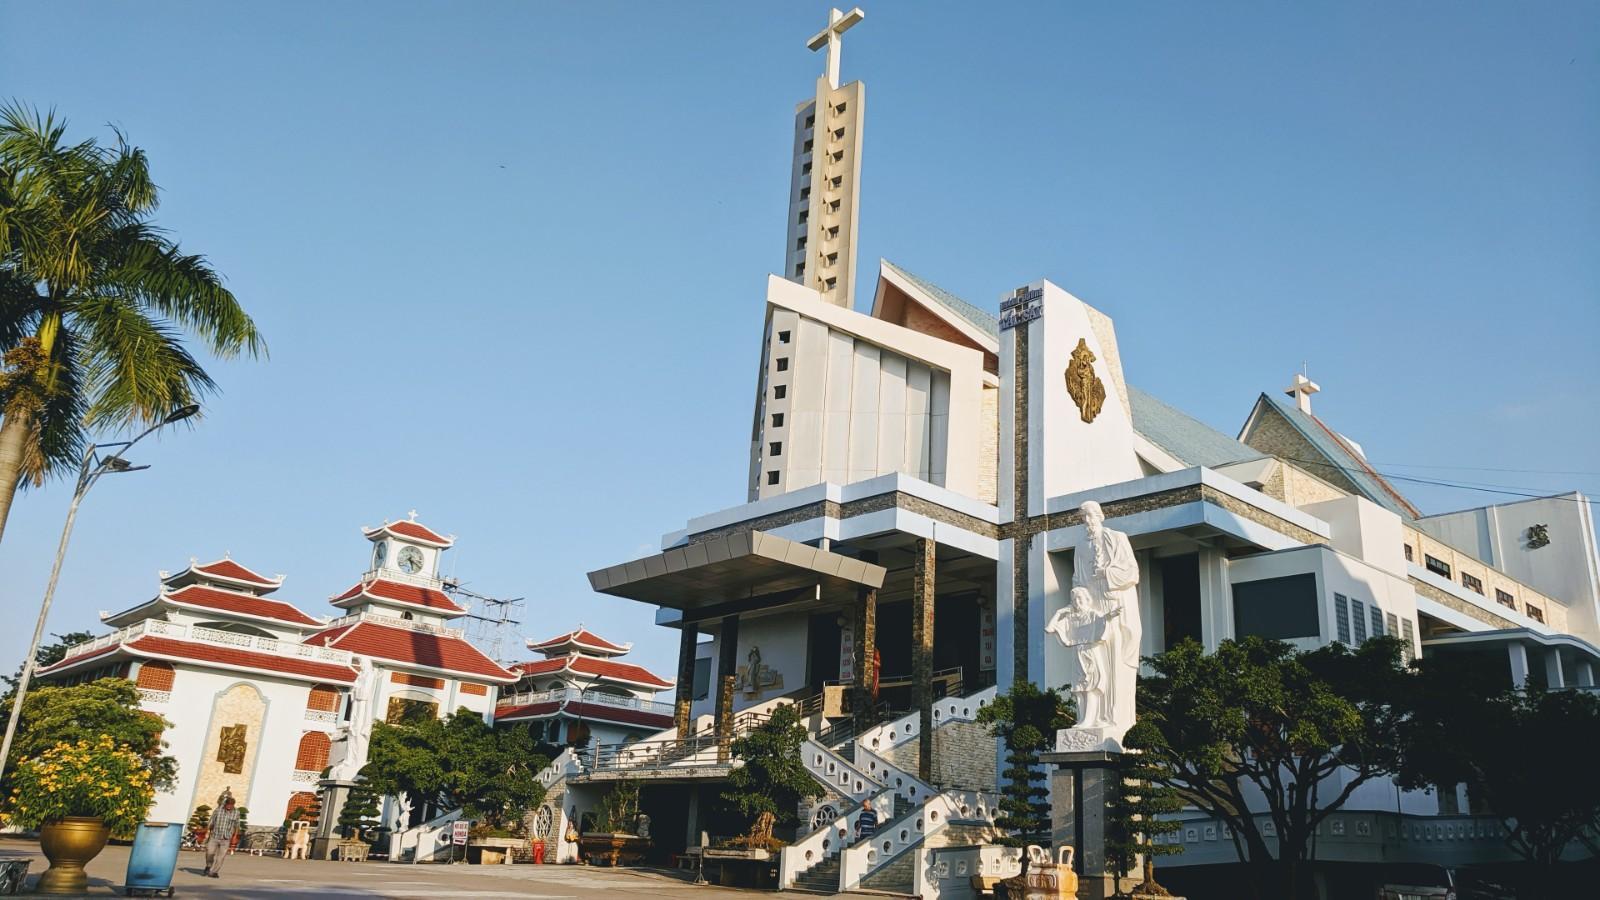 Nơi an nghỉ LM Trương Bửu Diệp & Nhà thờ Tắc Sậy